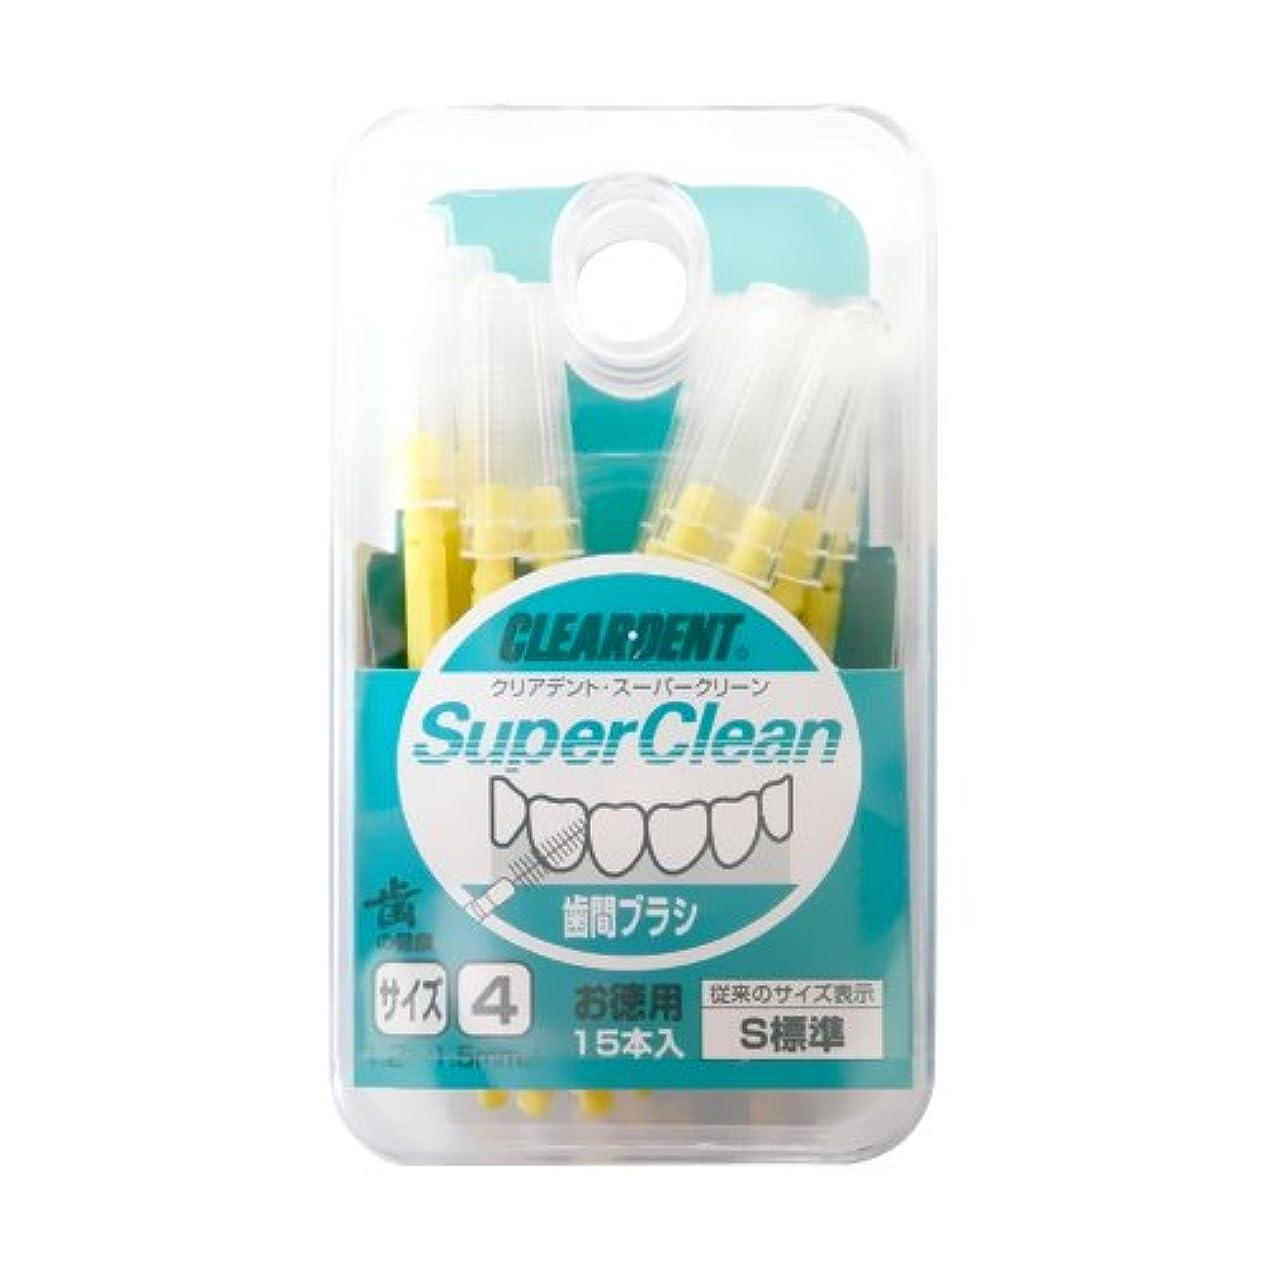 ましい顔料親密なクリアデント スーパークリーン お徳用 歯間ブラシ 15本入 (S)(イエロー)